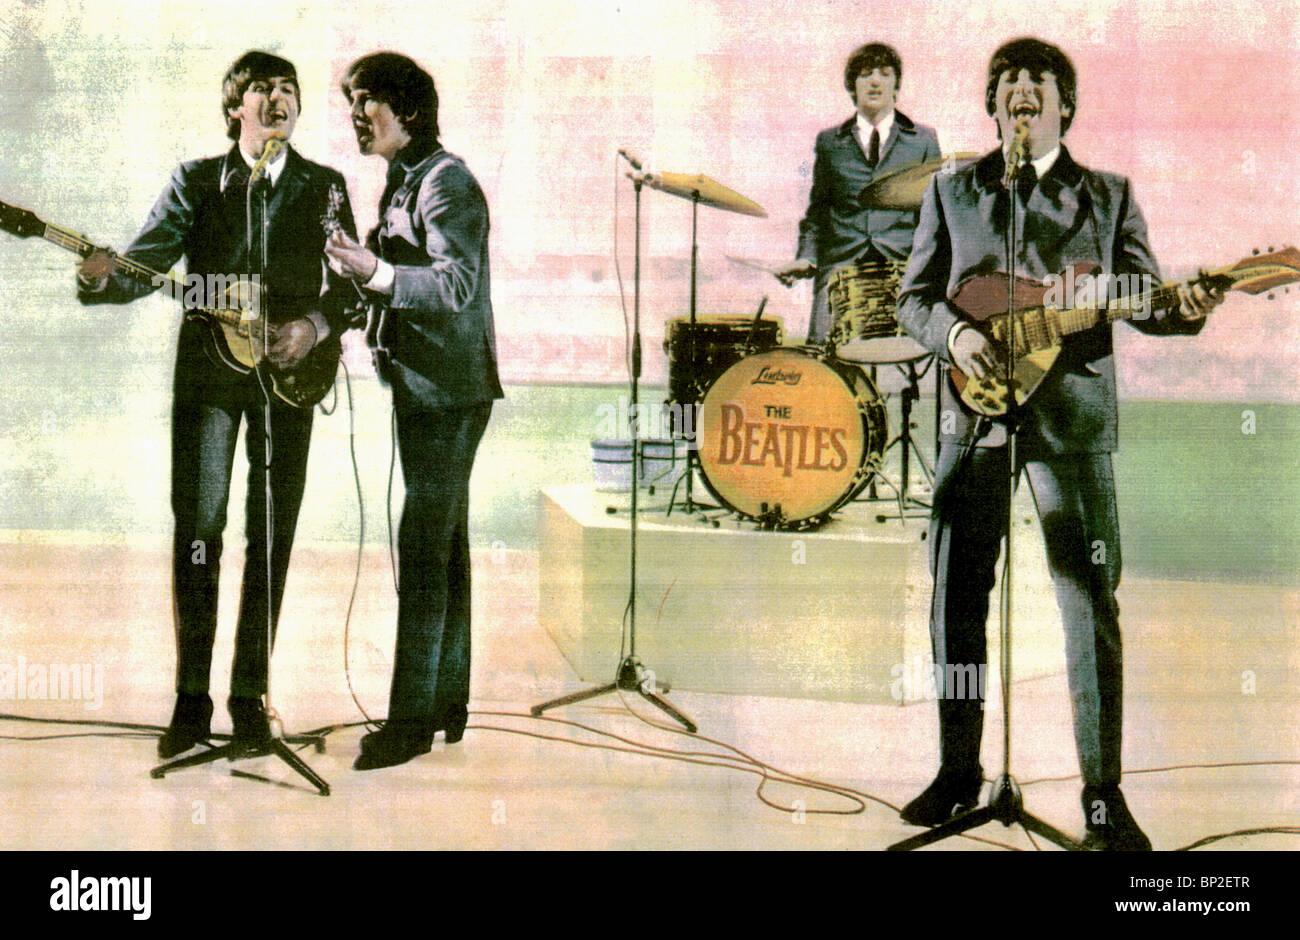 PAUL MCCARTNEY George Harrison Ringo Starr & JOHN LENNON una dura giornata di notte BEATLES (1964) Immagini Stock